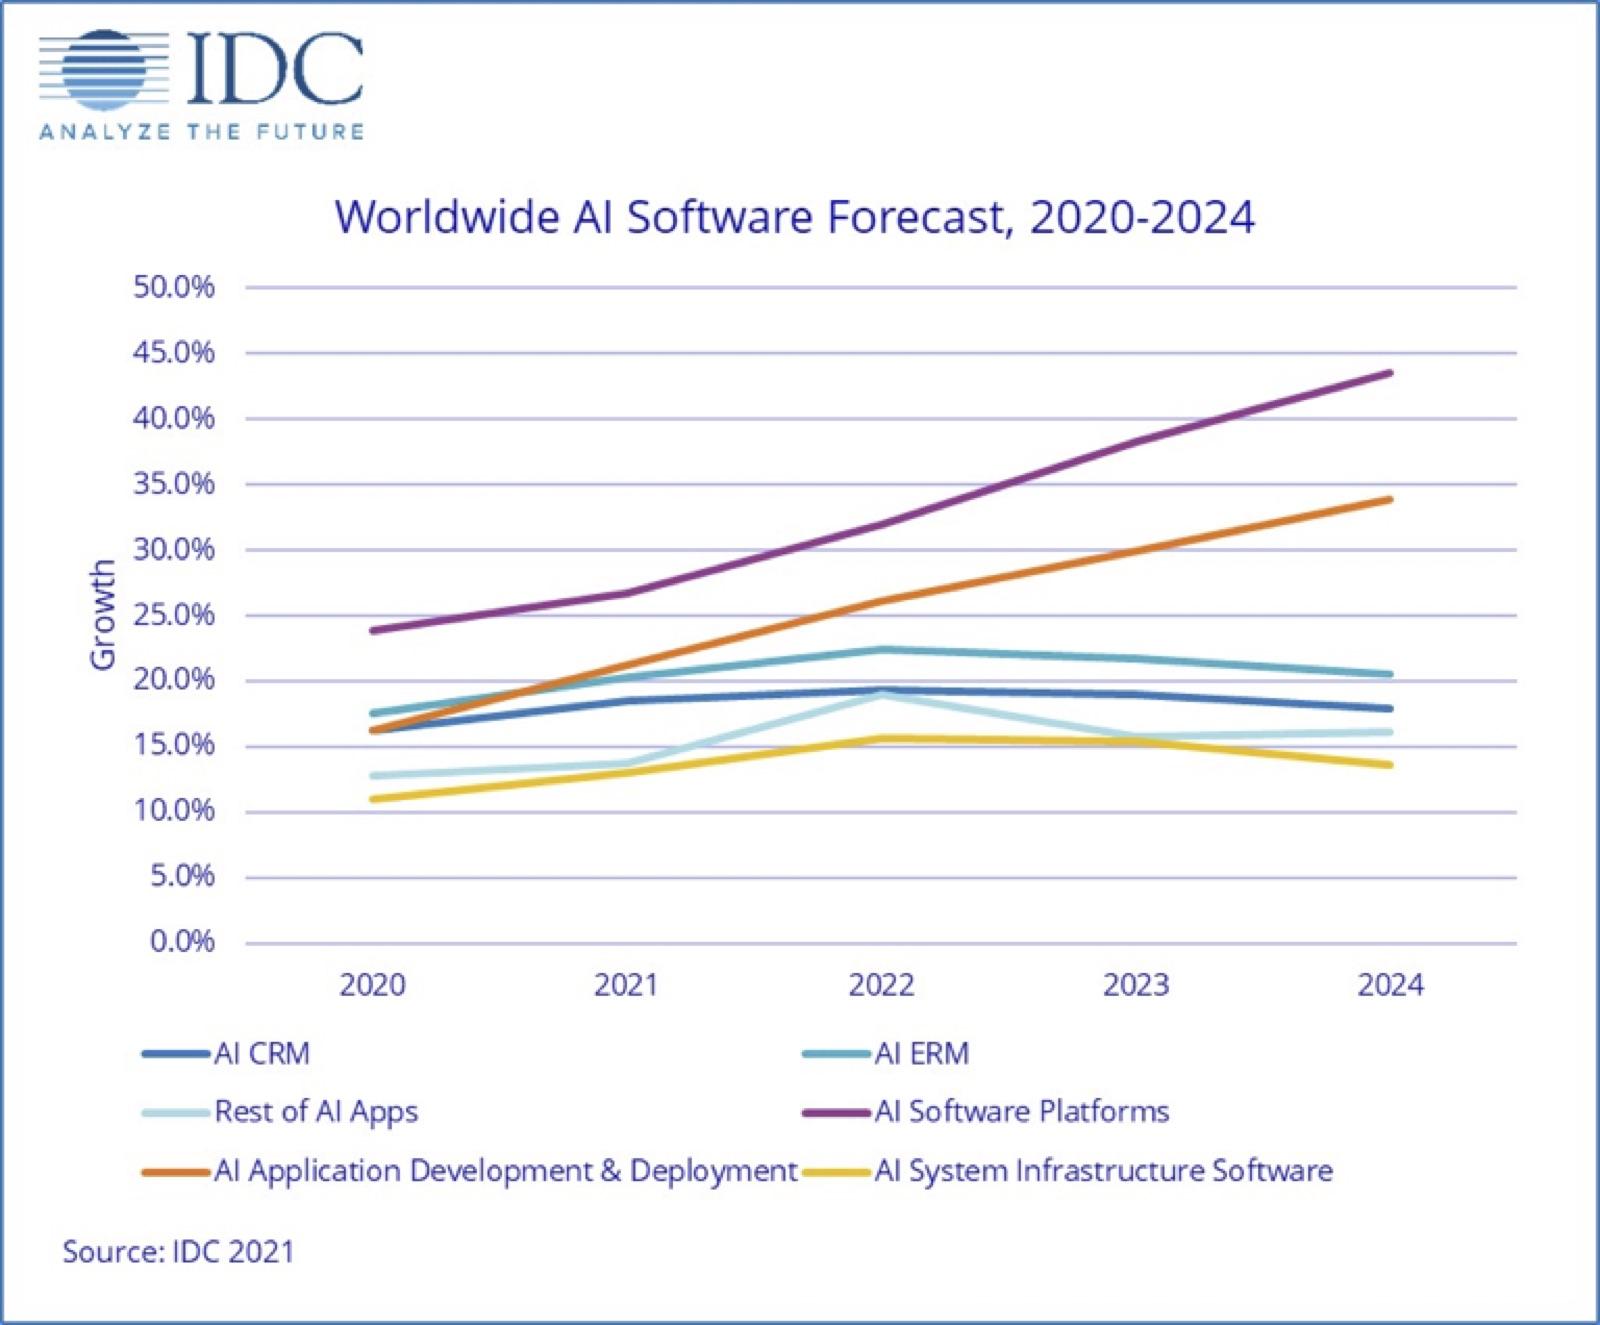 IDC Fig 1